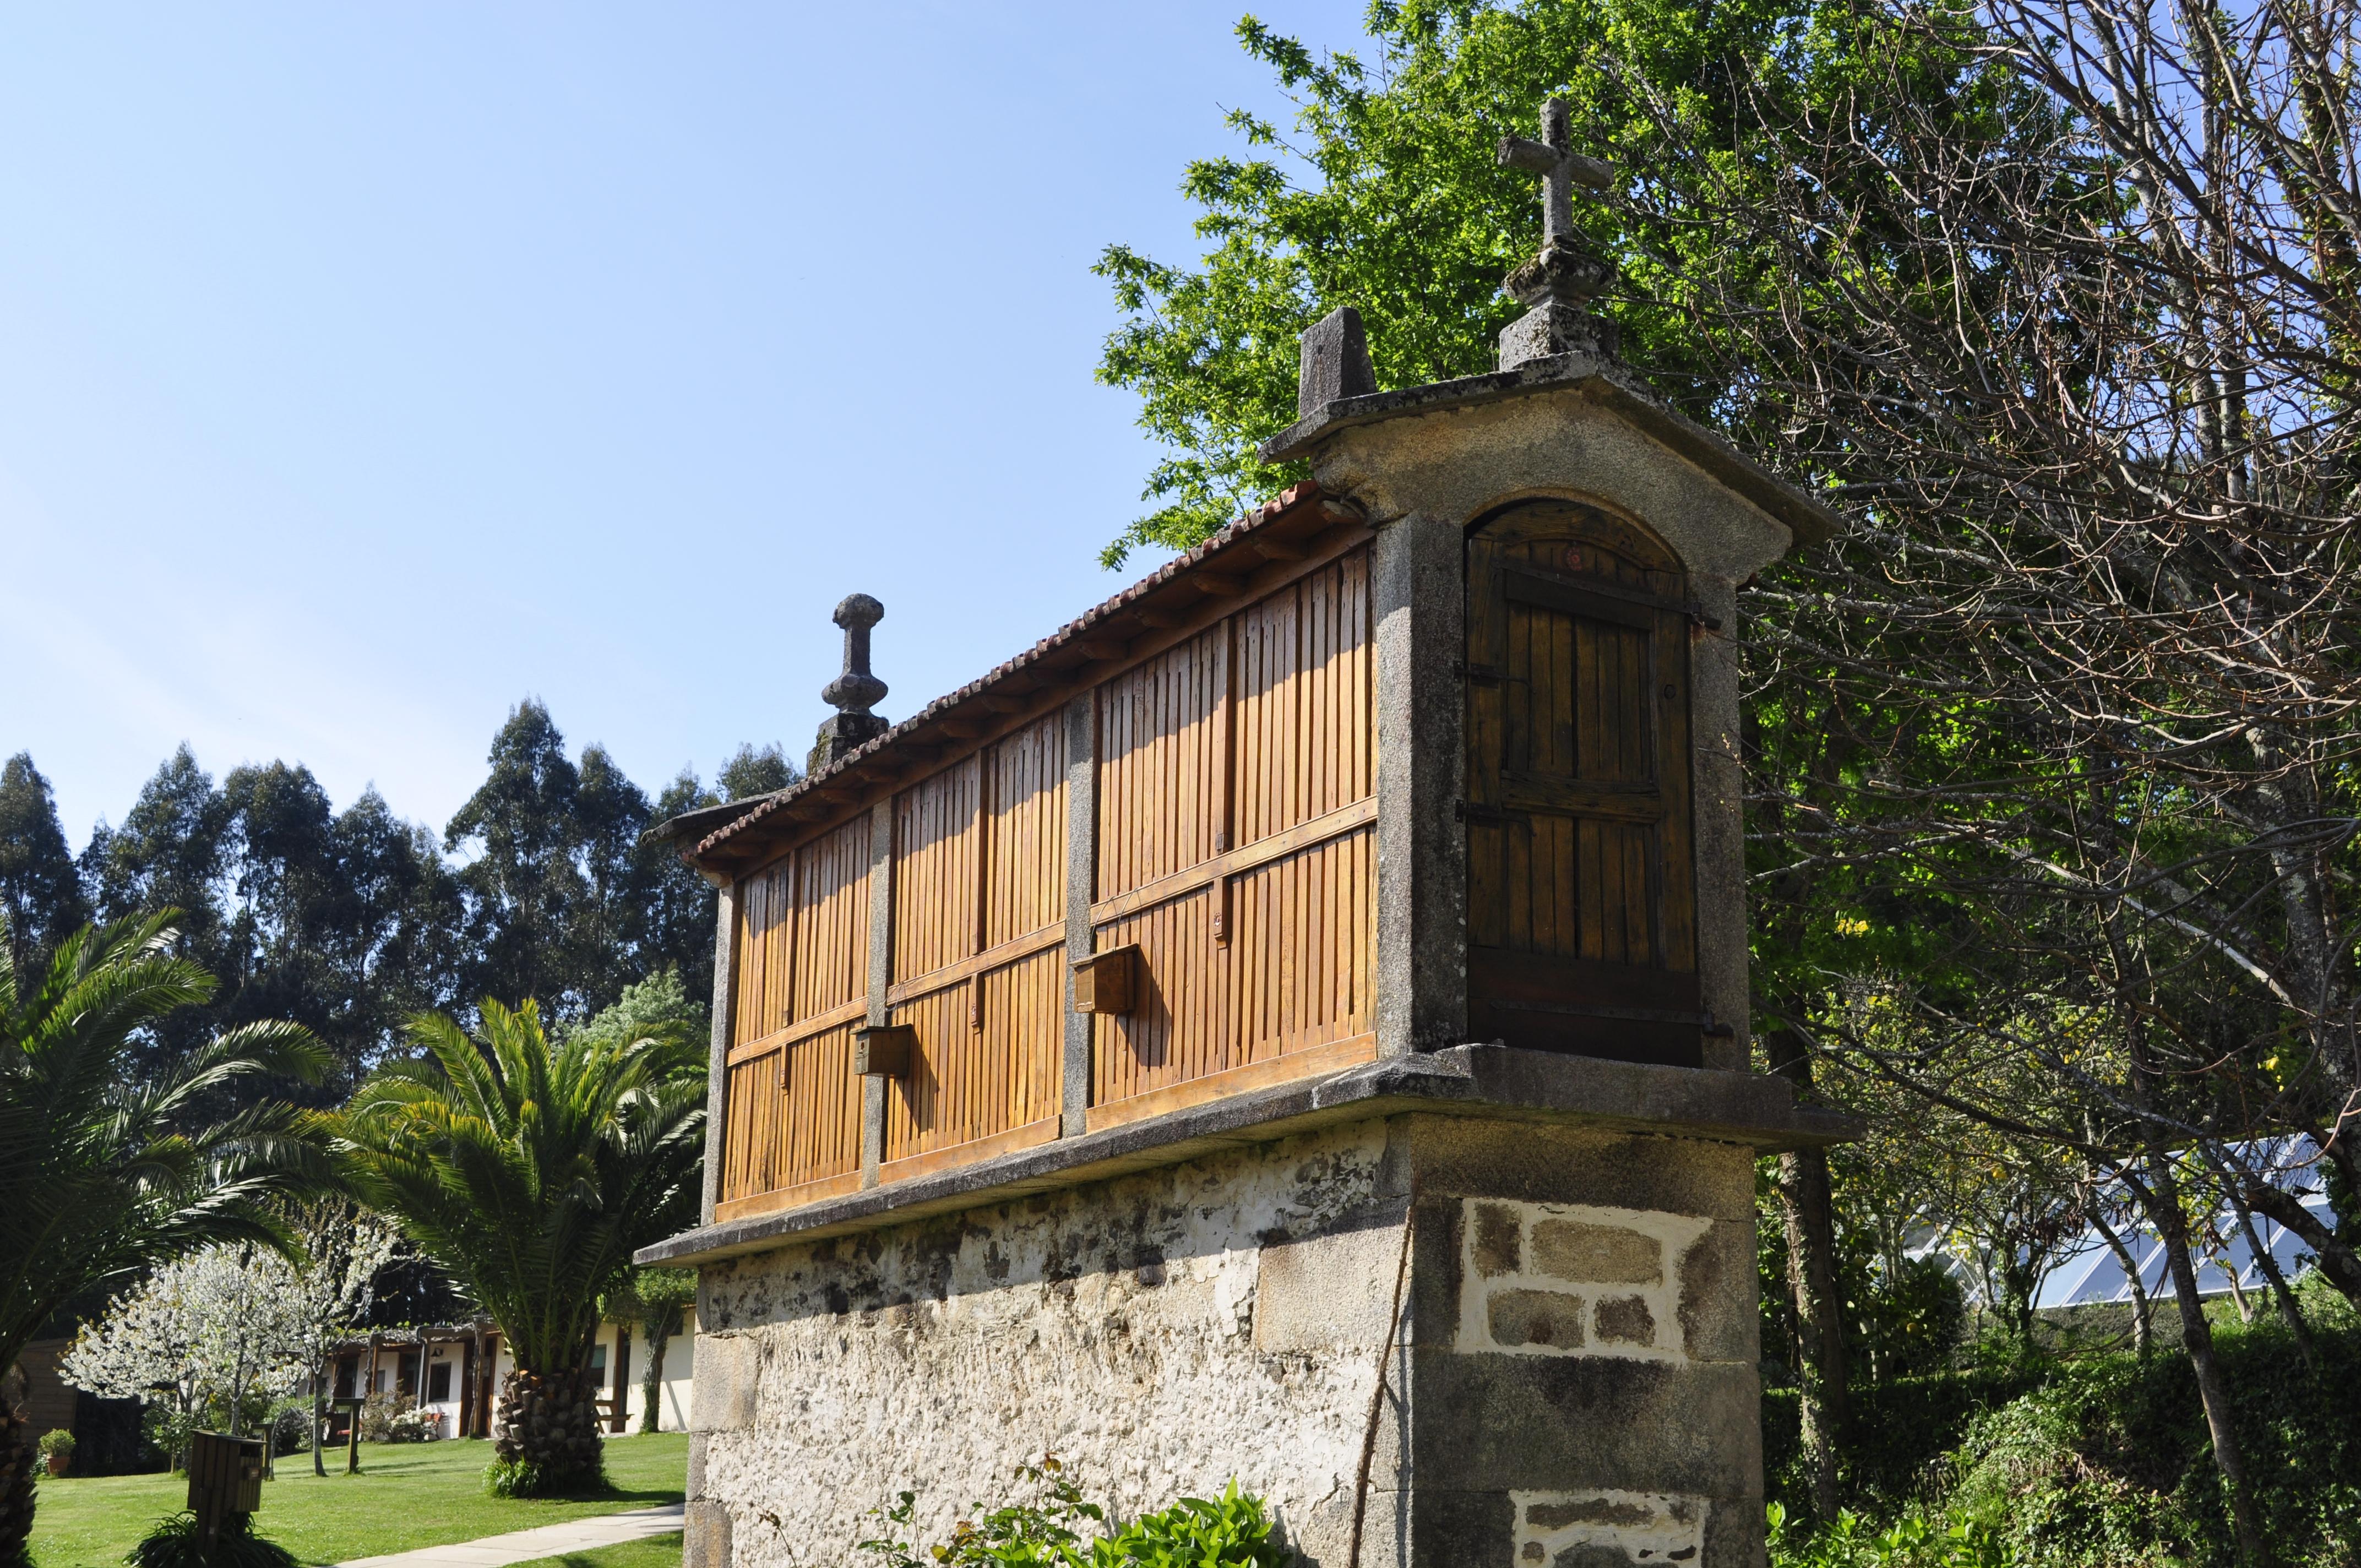 Hórreo de Alvarella